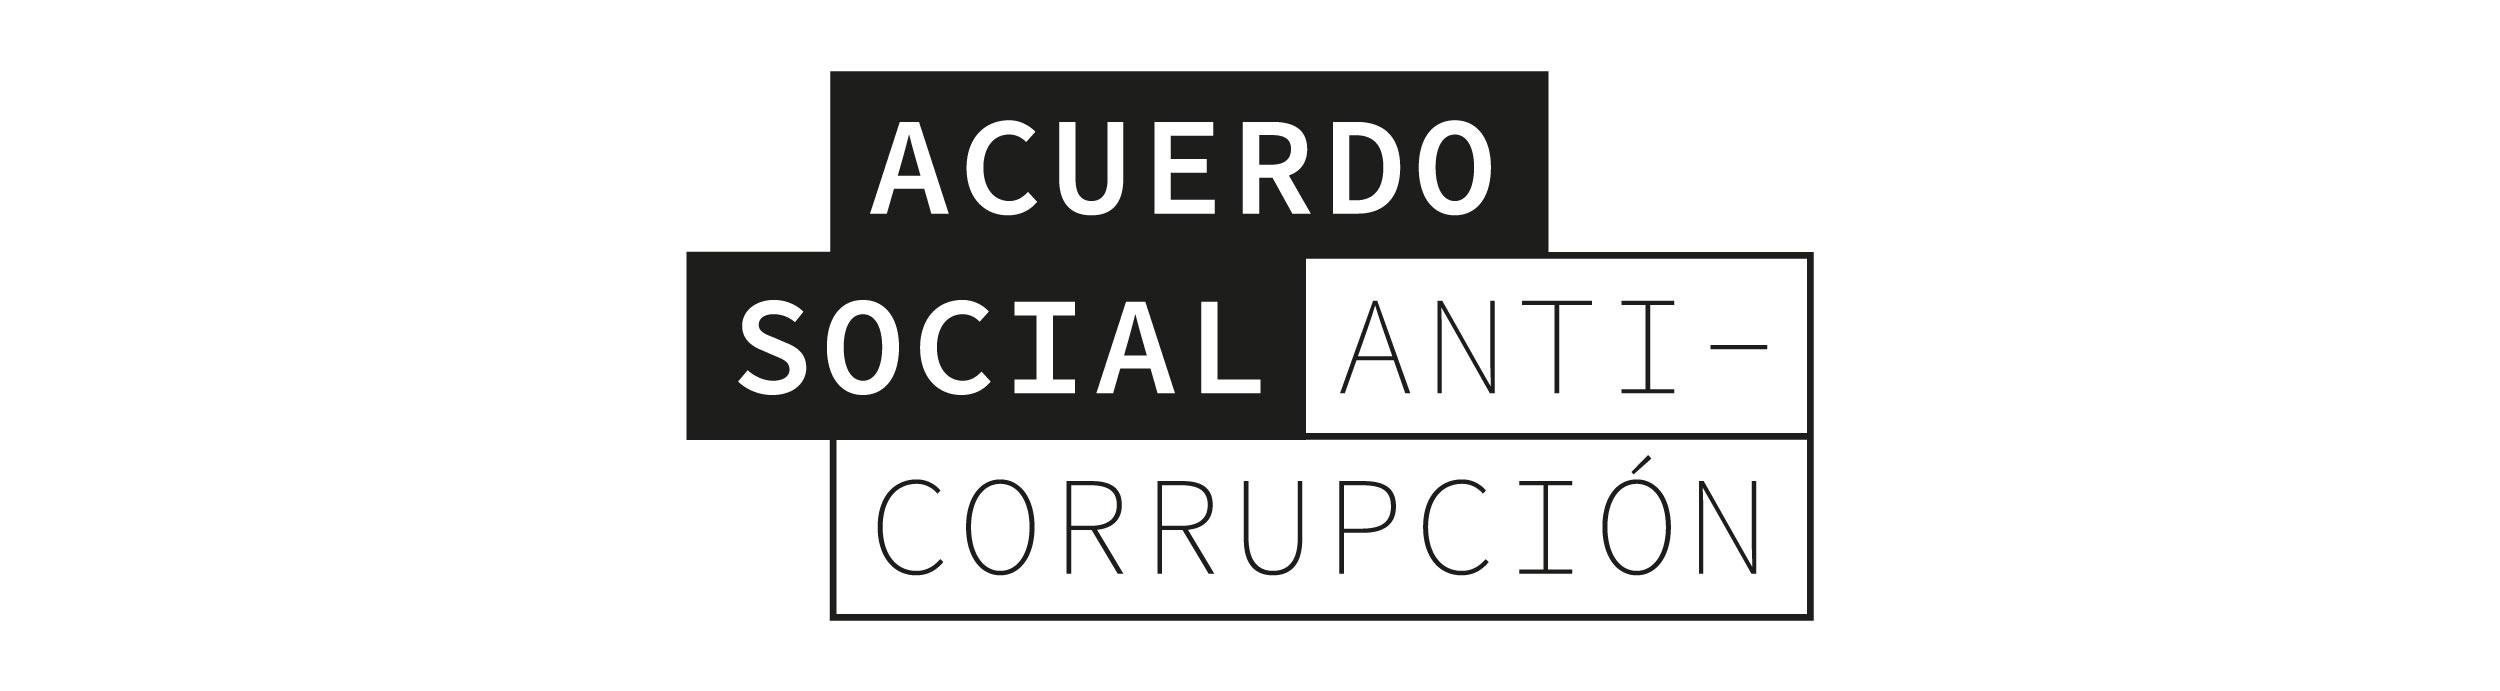 """Organizaciones y especialistas convocan a los candidatos y líderes políticos y sociales a sumarse a un """"Acuerdo Social Anticorrupción"""""""